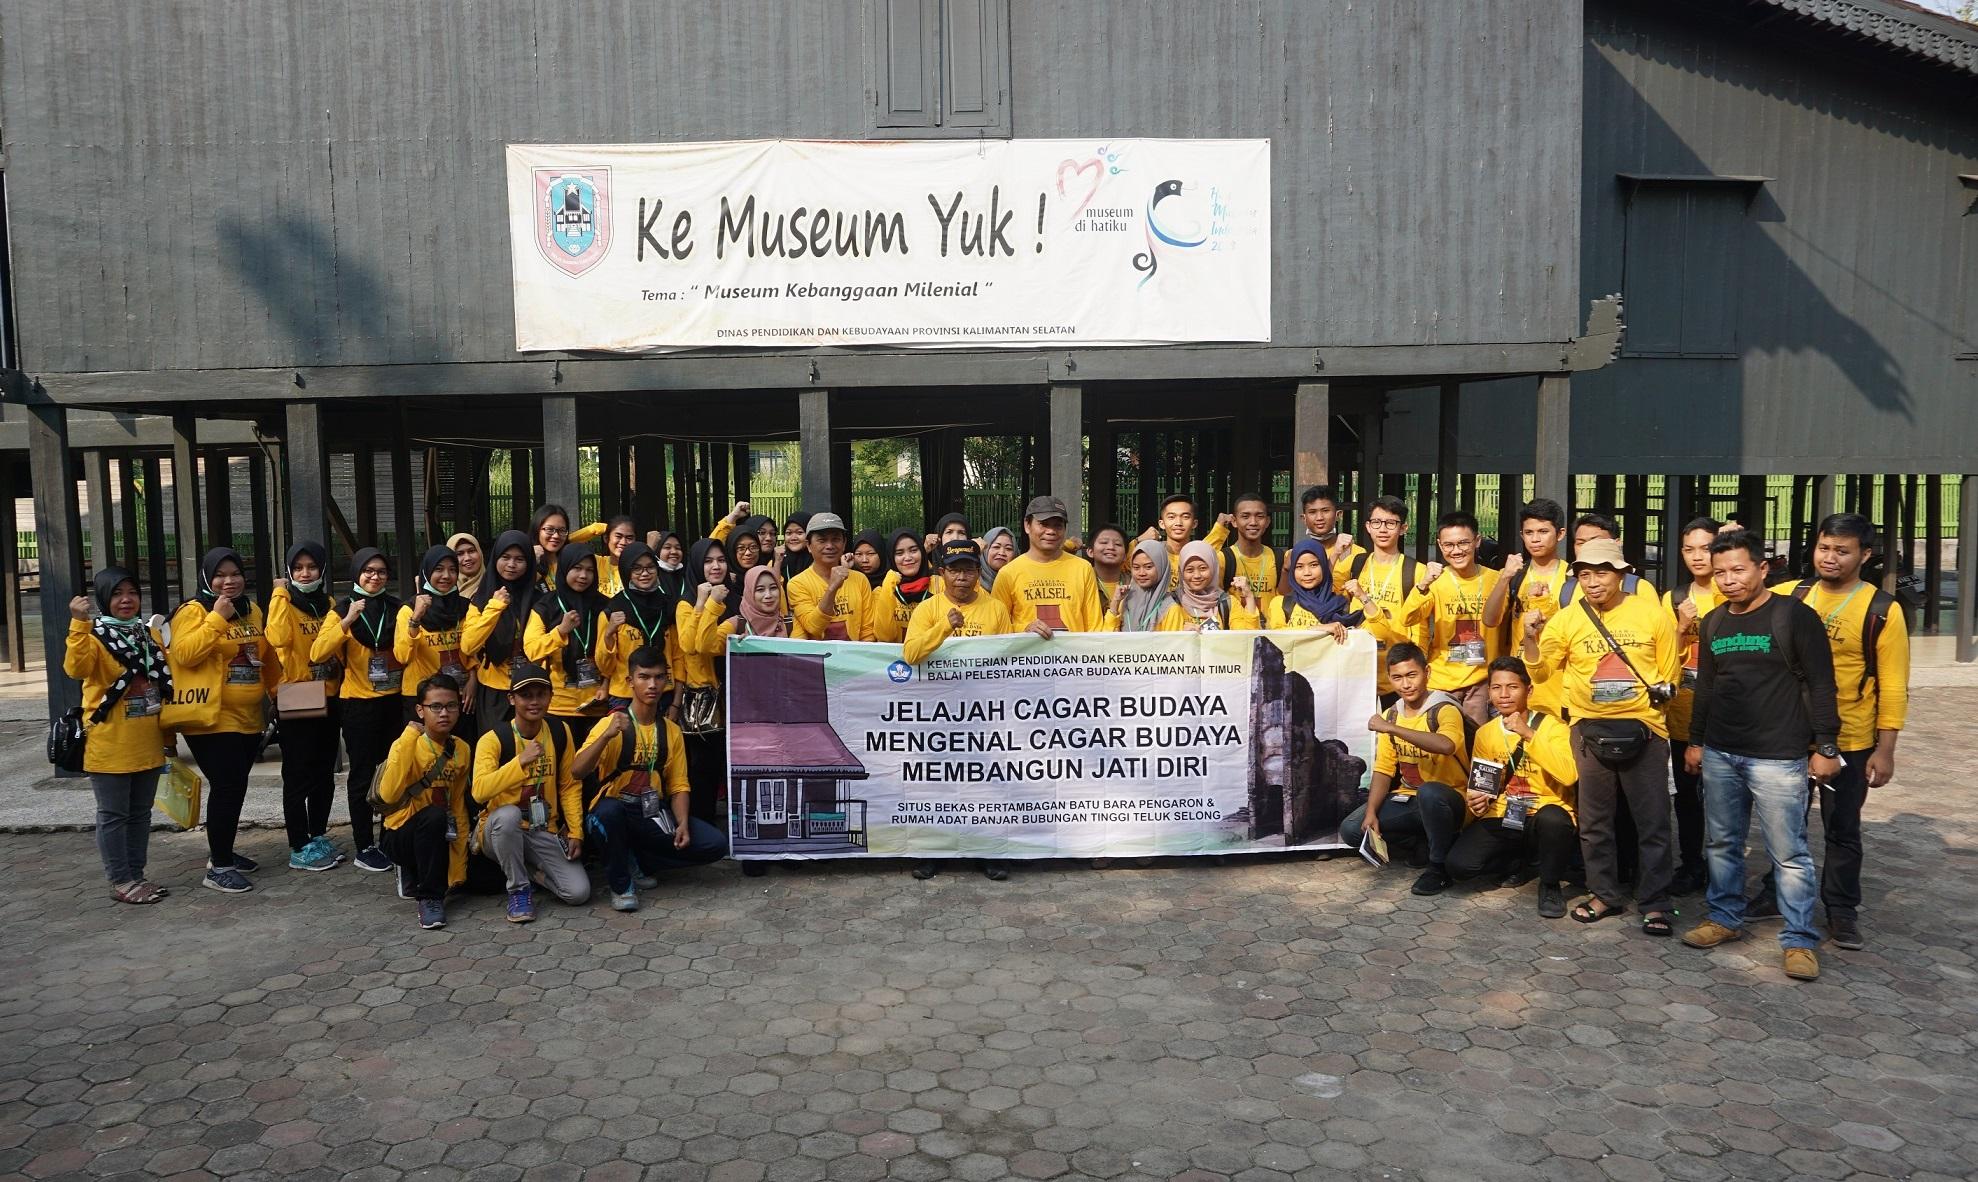 Jelajah Cagar Budaya Kalimantan Selatan